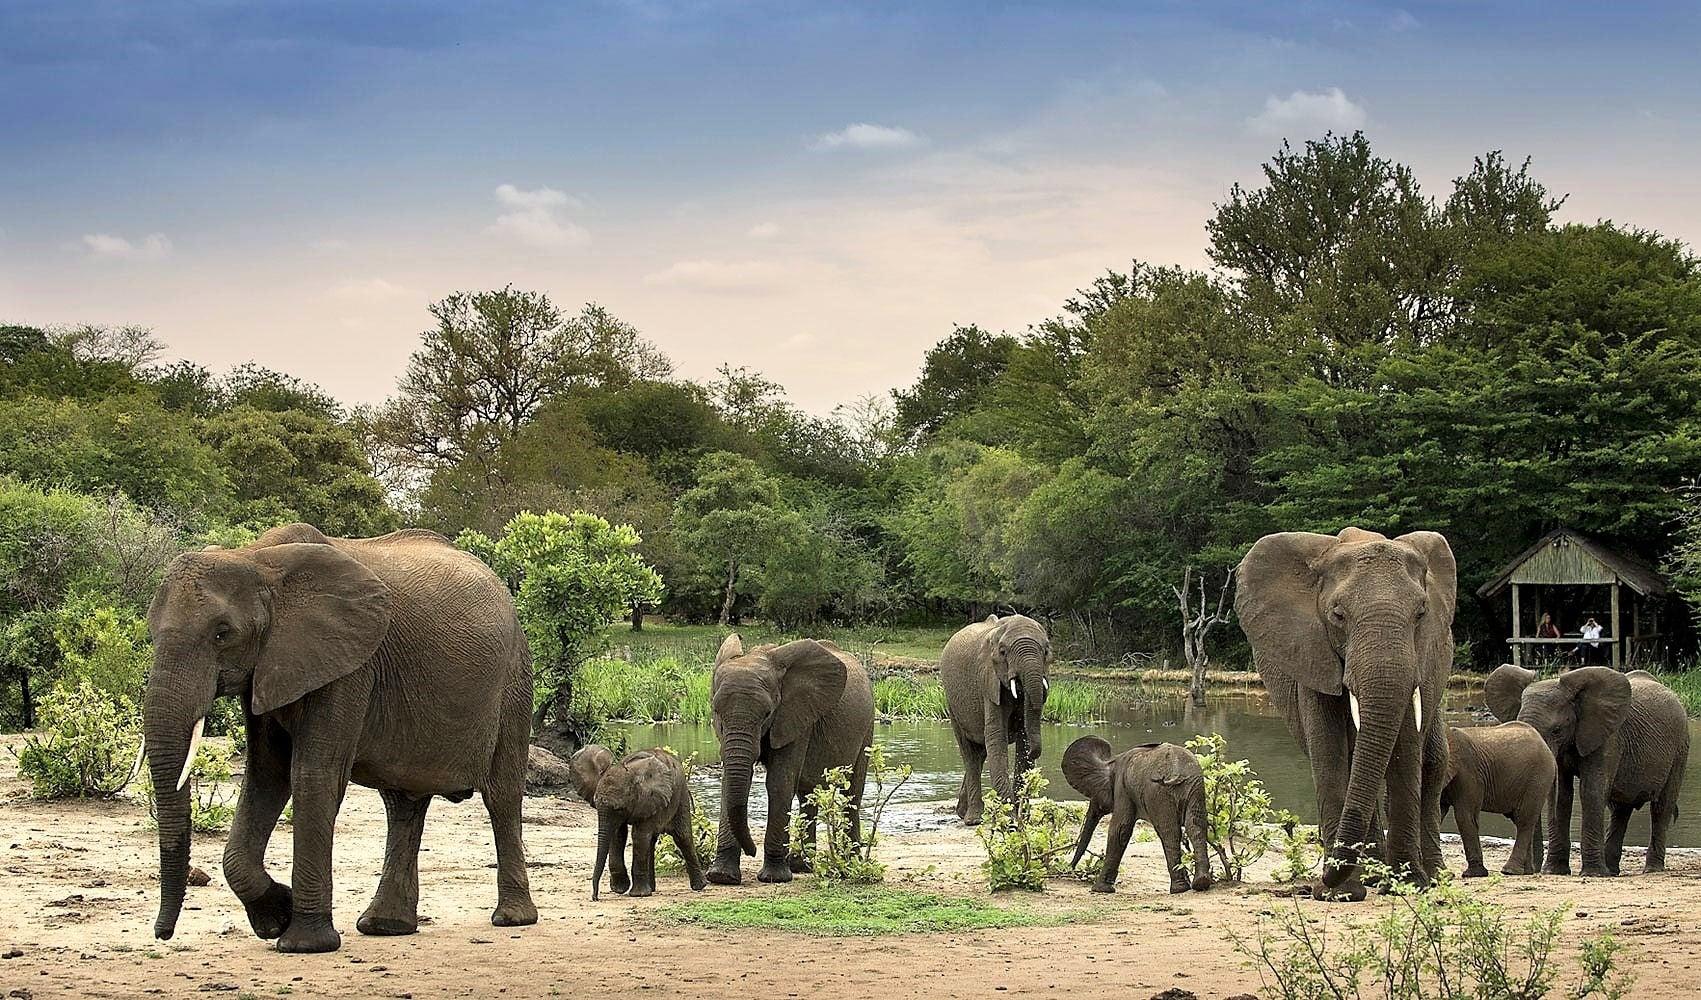 Elephant at Tanda Tula Safari Camp